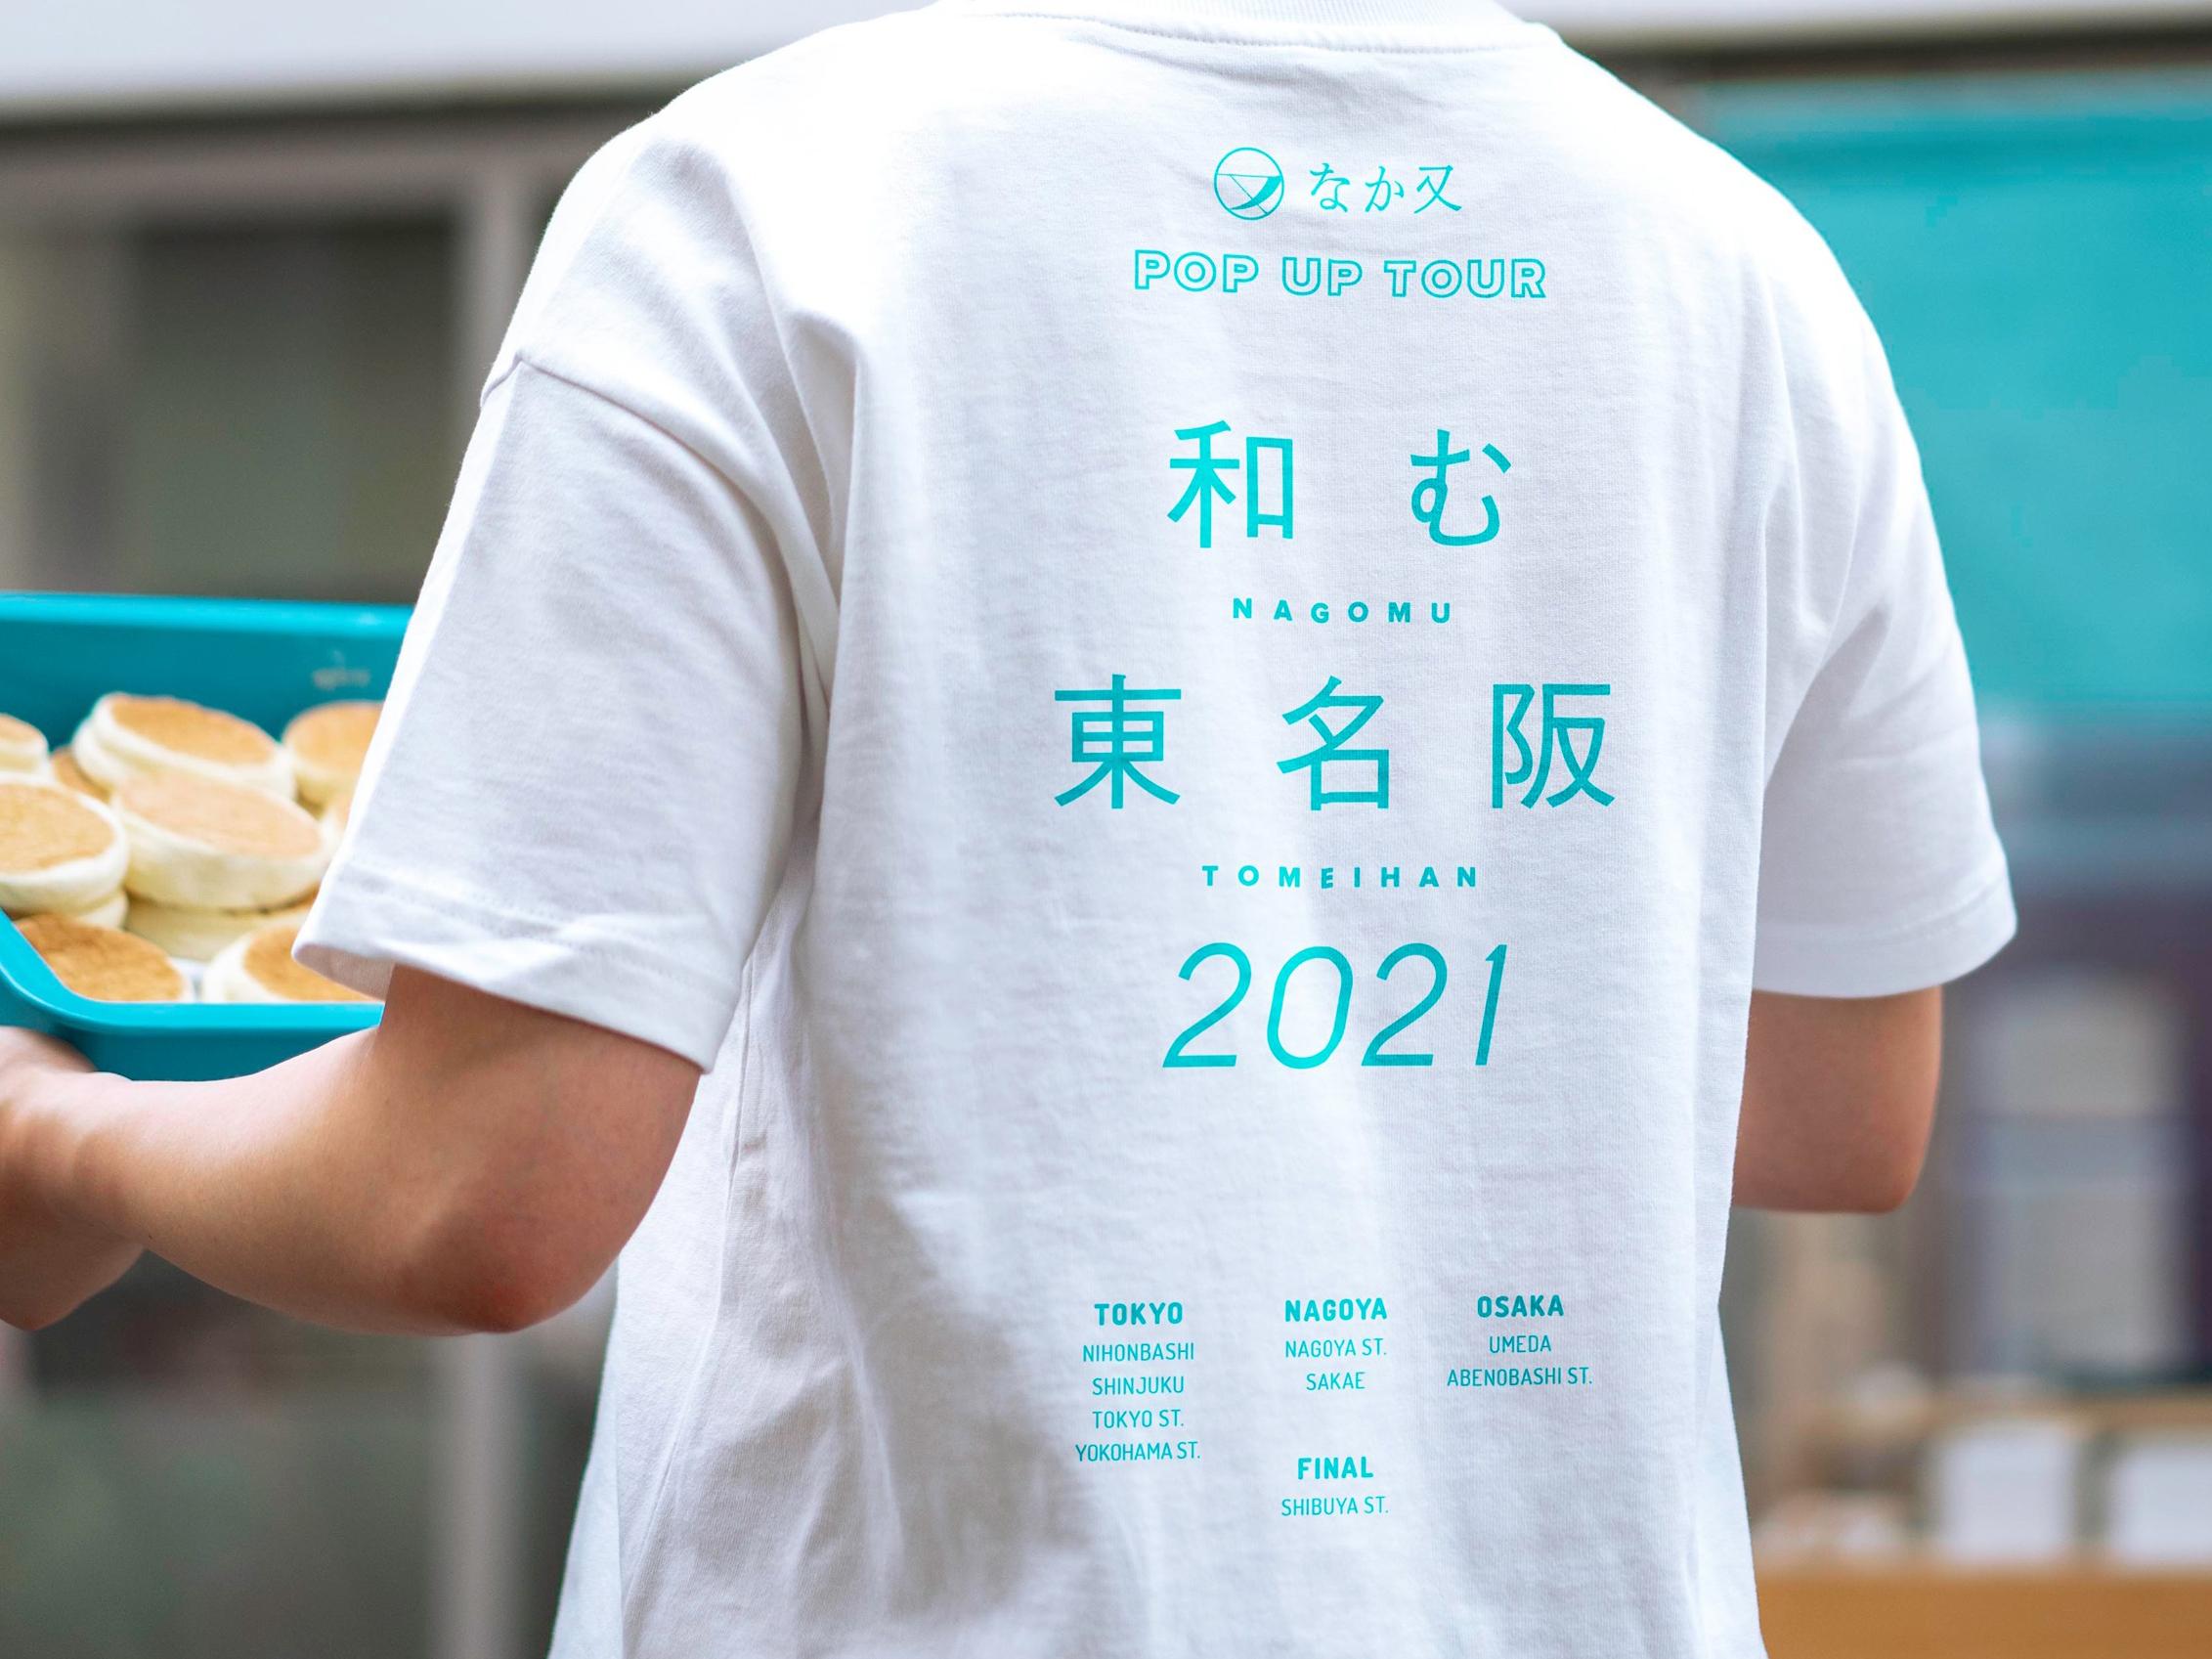 """【催事(7/16更新)】なか又 POP UP TOUR """"和む東名阪 2021"""" スケジュール"""